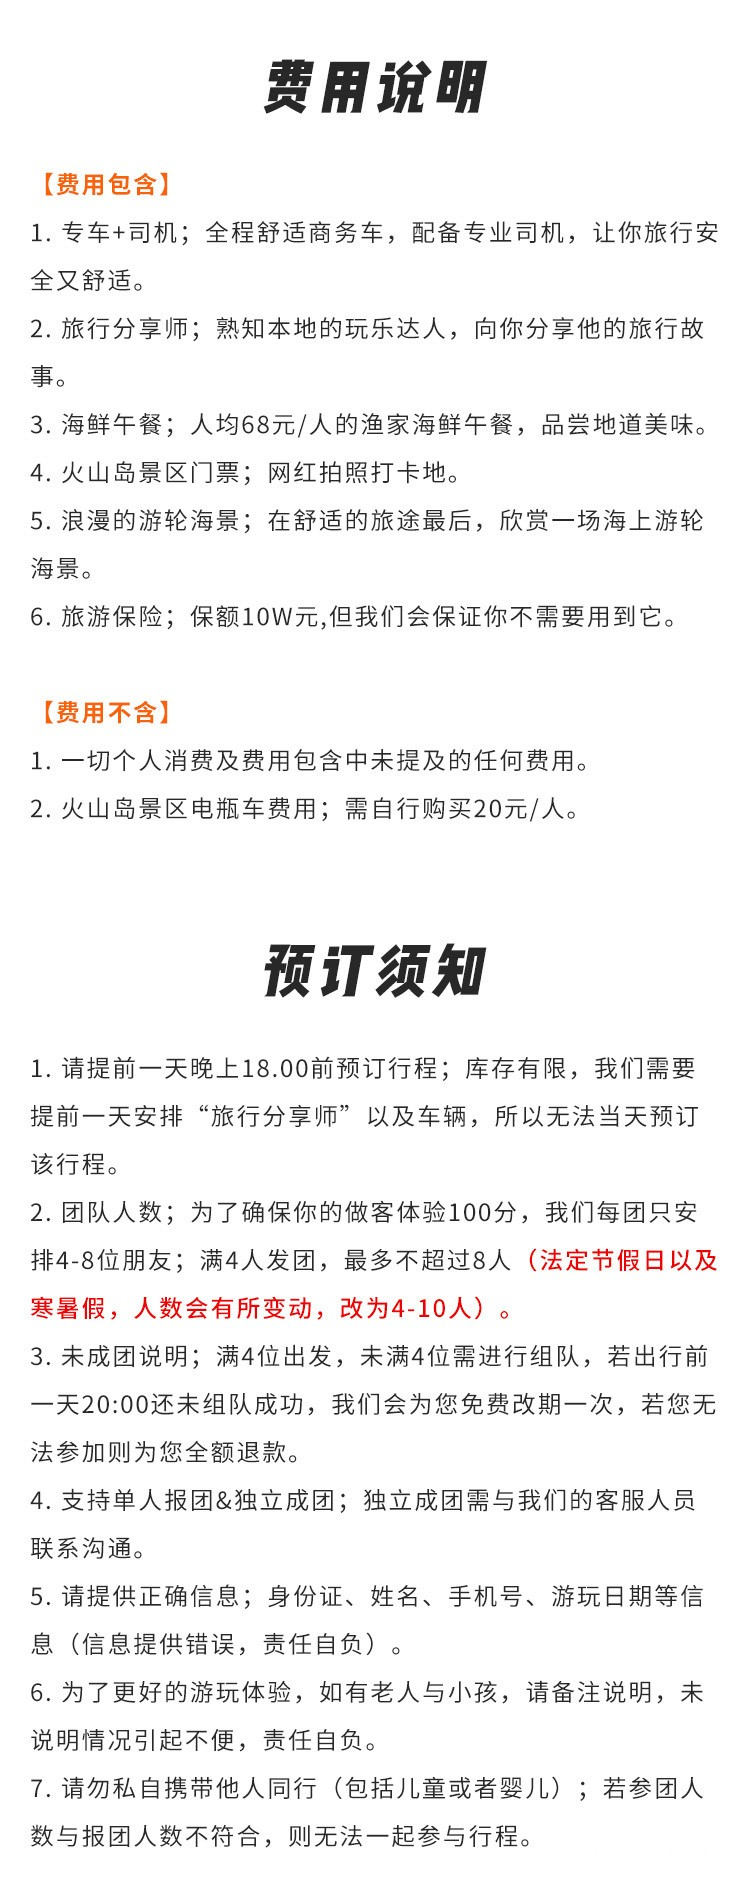 【海鲜午餐·小垦丁镇海角×火山岛一日游】(请提前一天晚上18:00前预定行程^ ^)